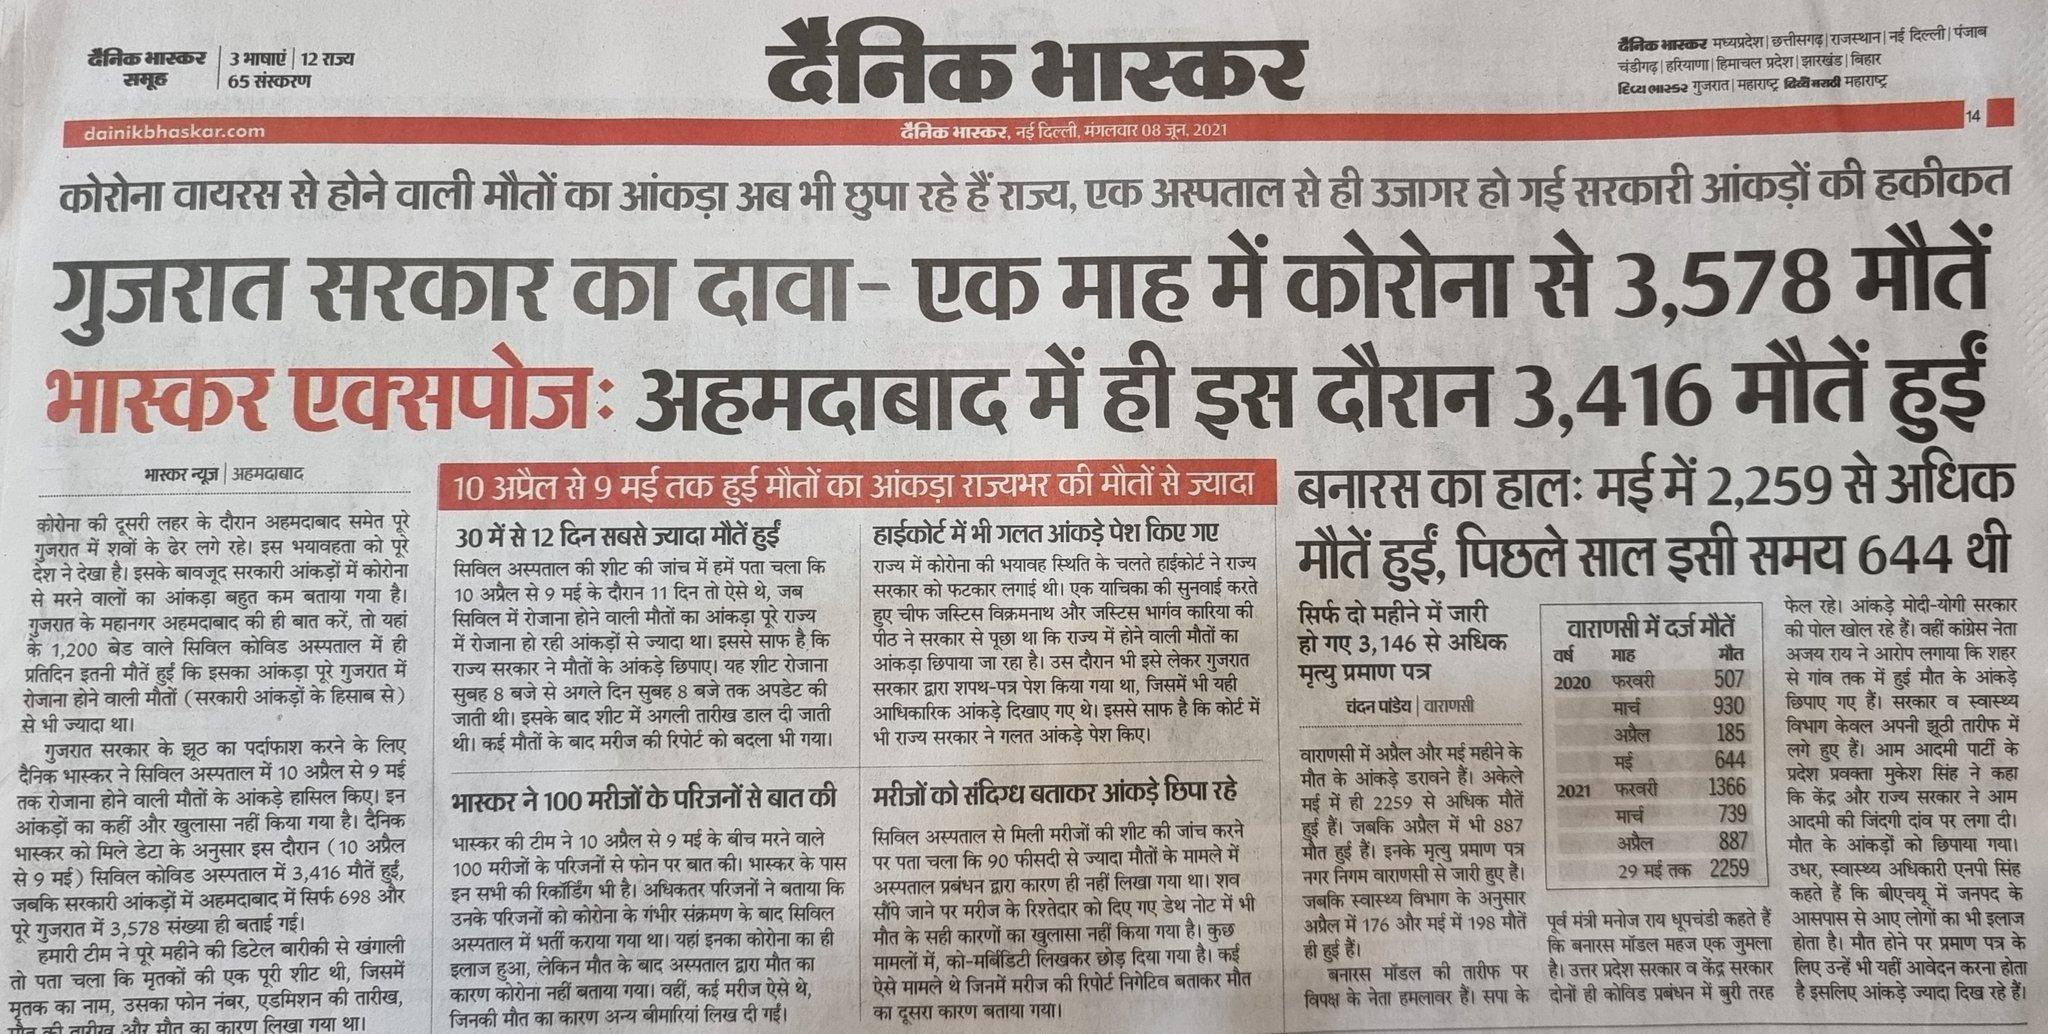 गुजरात में किस तरह कोरोना से हुई मौतों का आंकड़ा छिपाया जा रहा था, इस पर रिपोर्ट दिखाई।